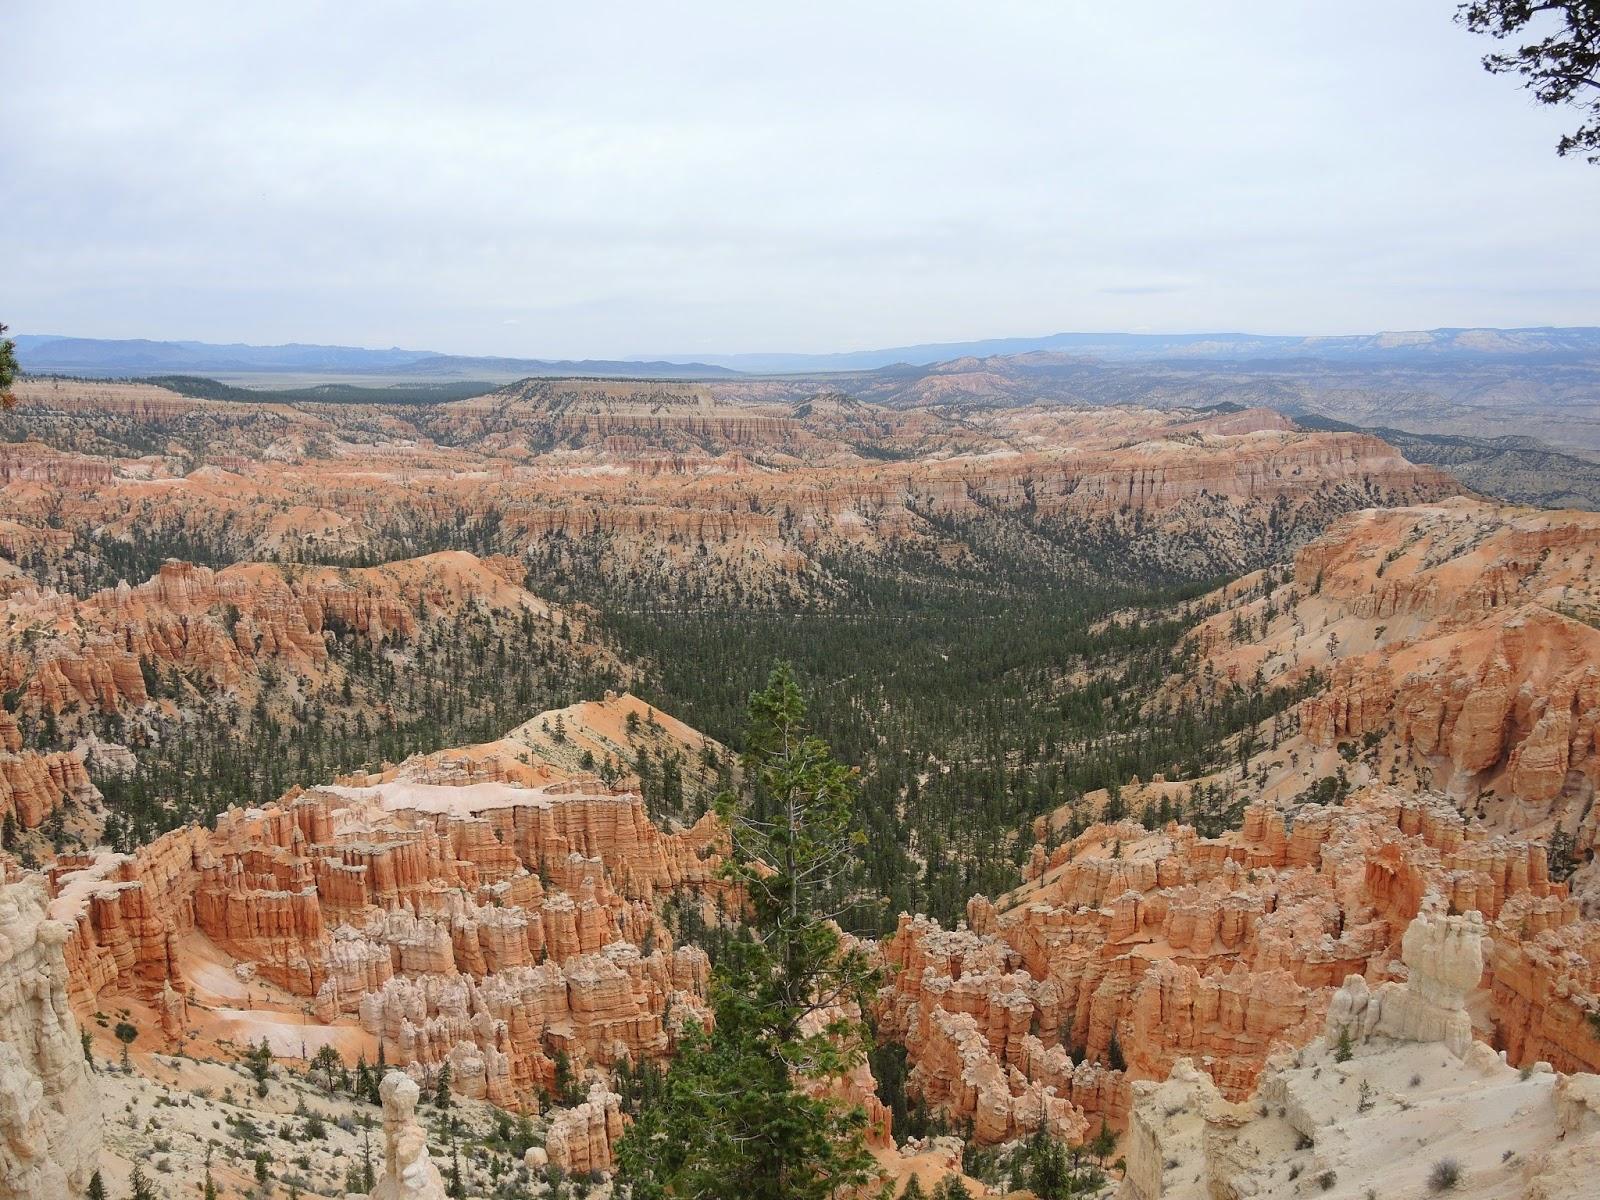 Bryce Canyon National Park 布萊斯峽谷國家公園 (上)